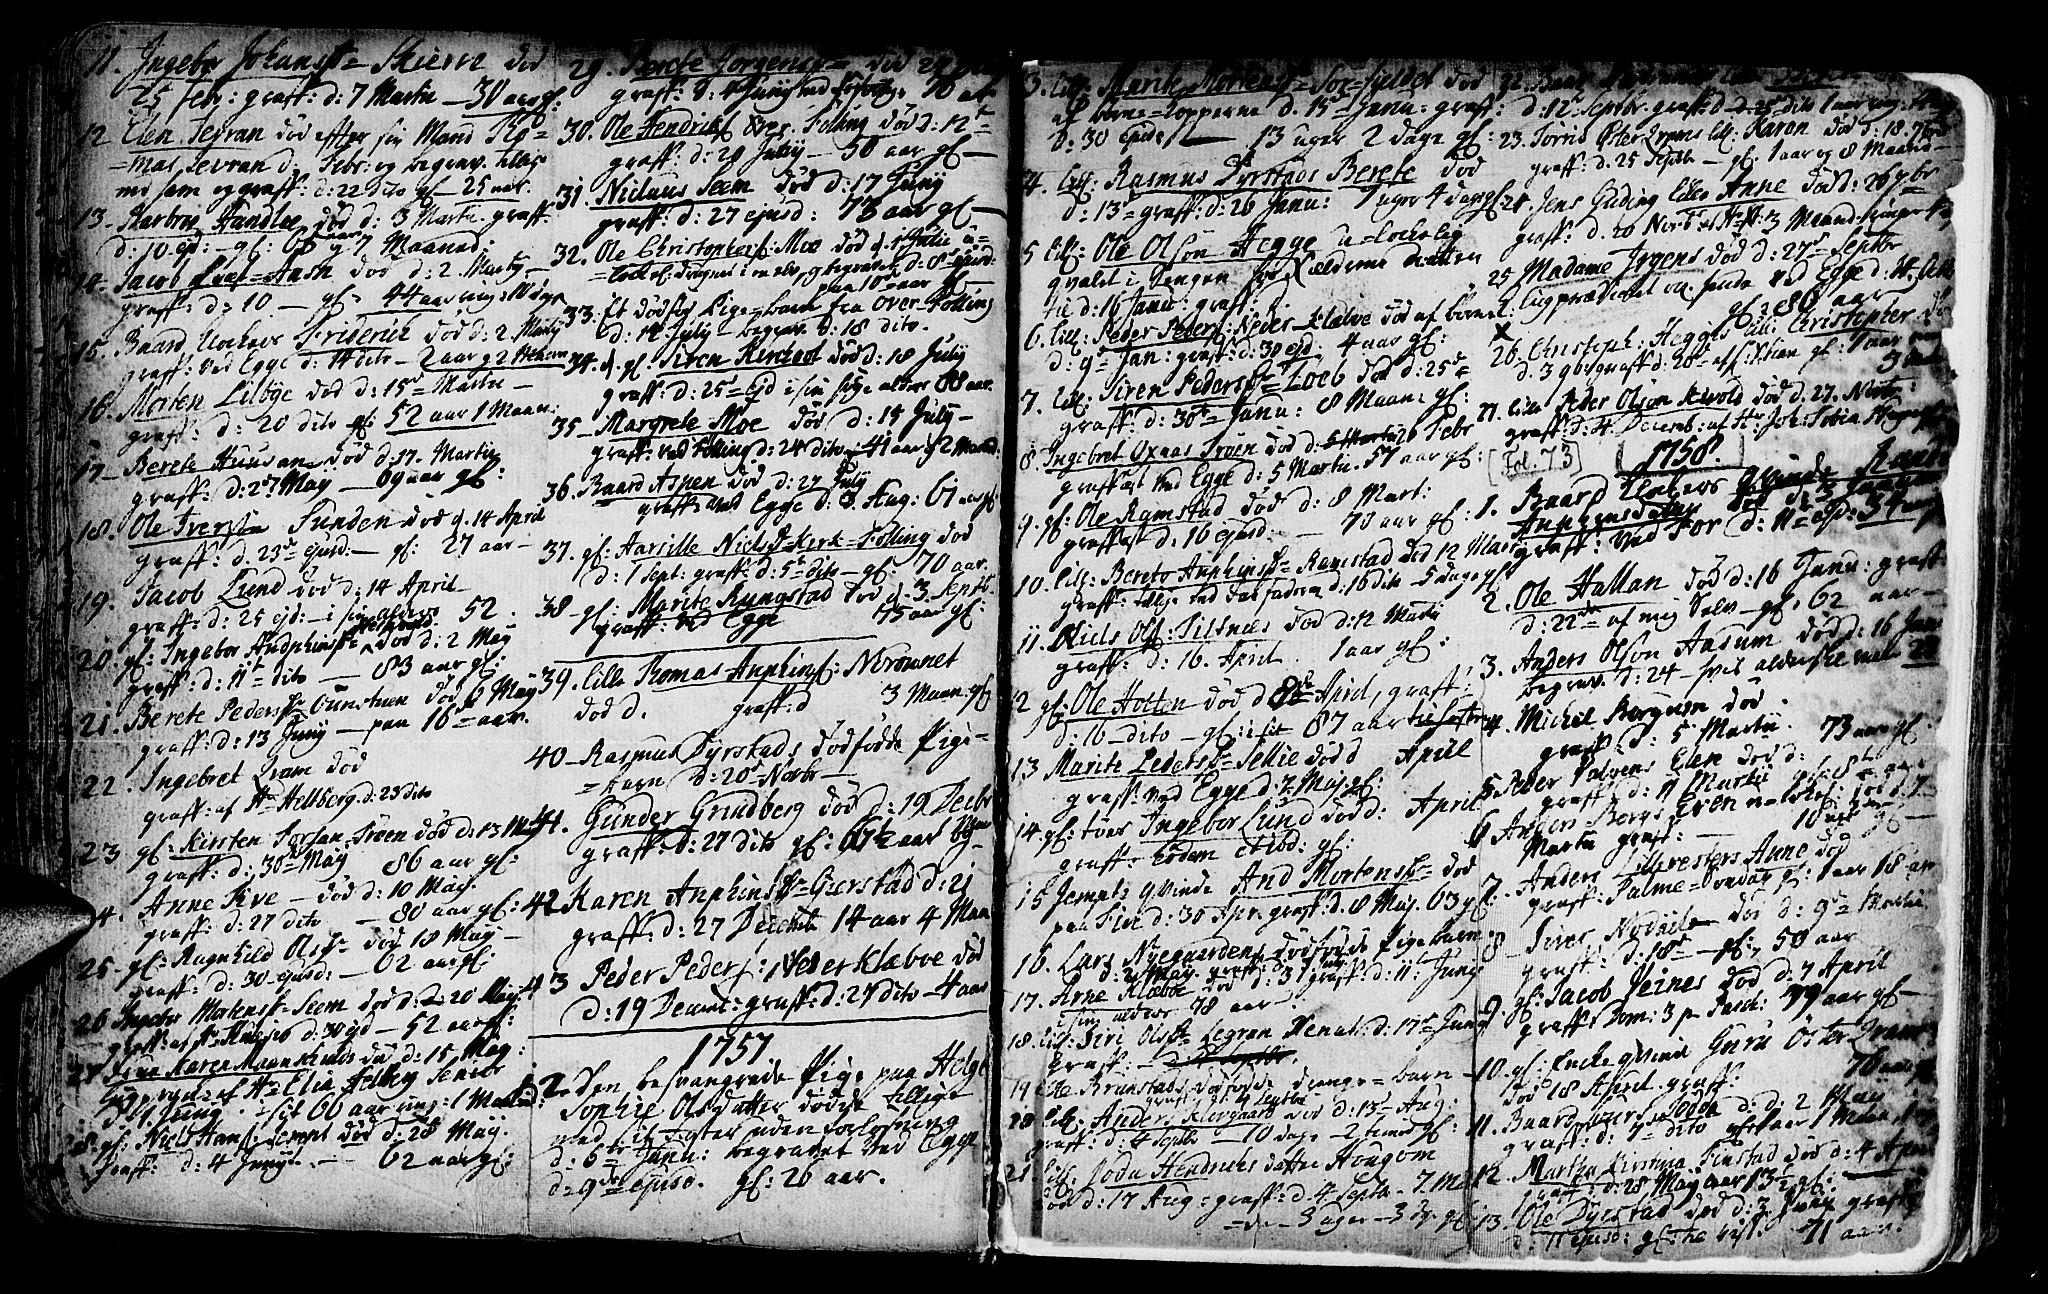 SAT, Ministerialprotokoller, klokkerbøker og fødselsregistre - Nord-Trøndelag, 746/L0439: Ministerialbok nr. 746A01, 1688-1759, s. 73